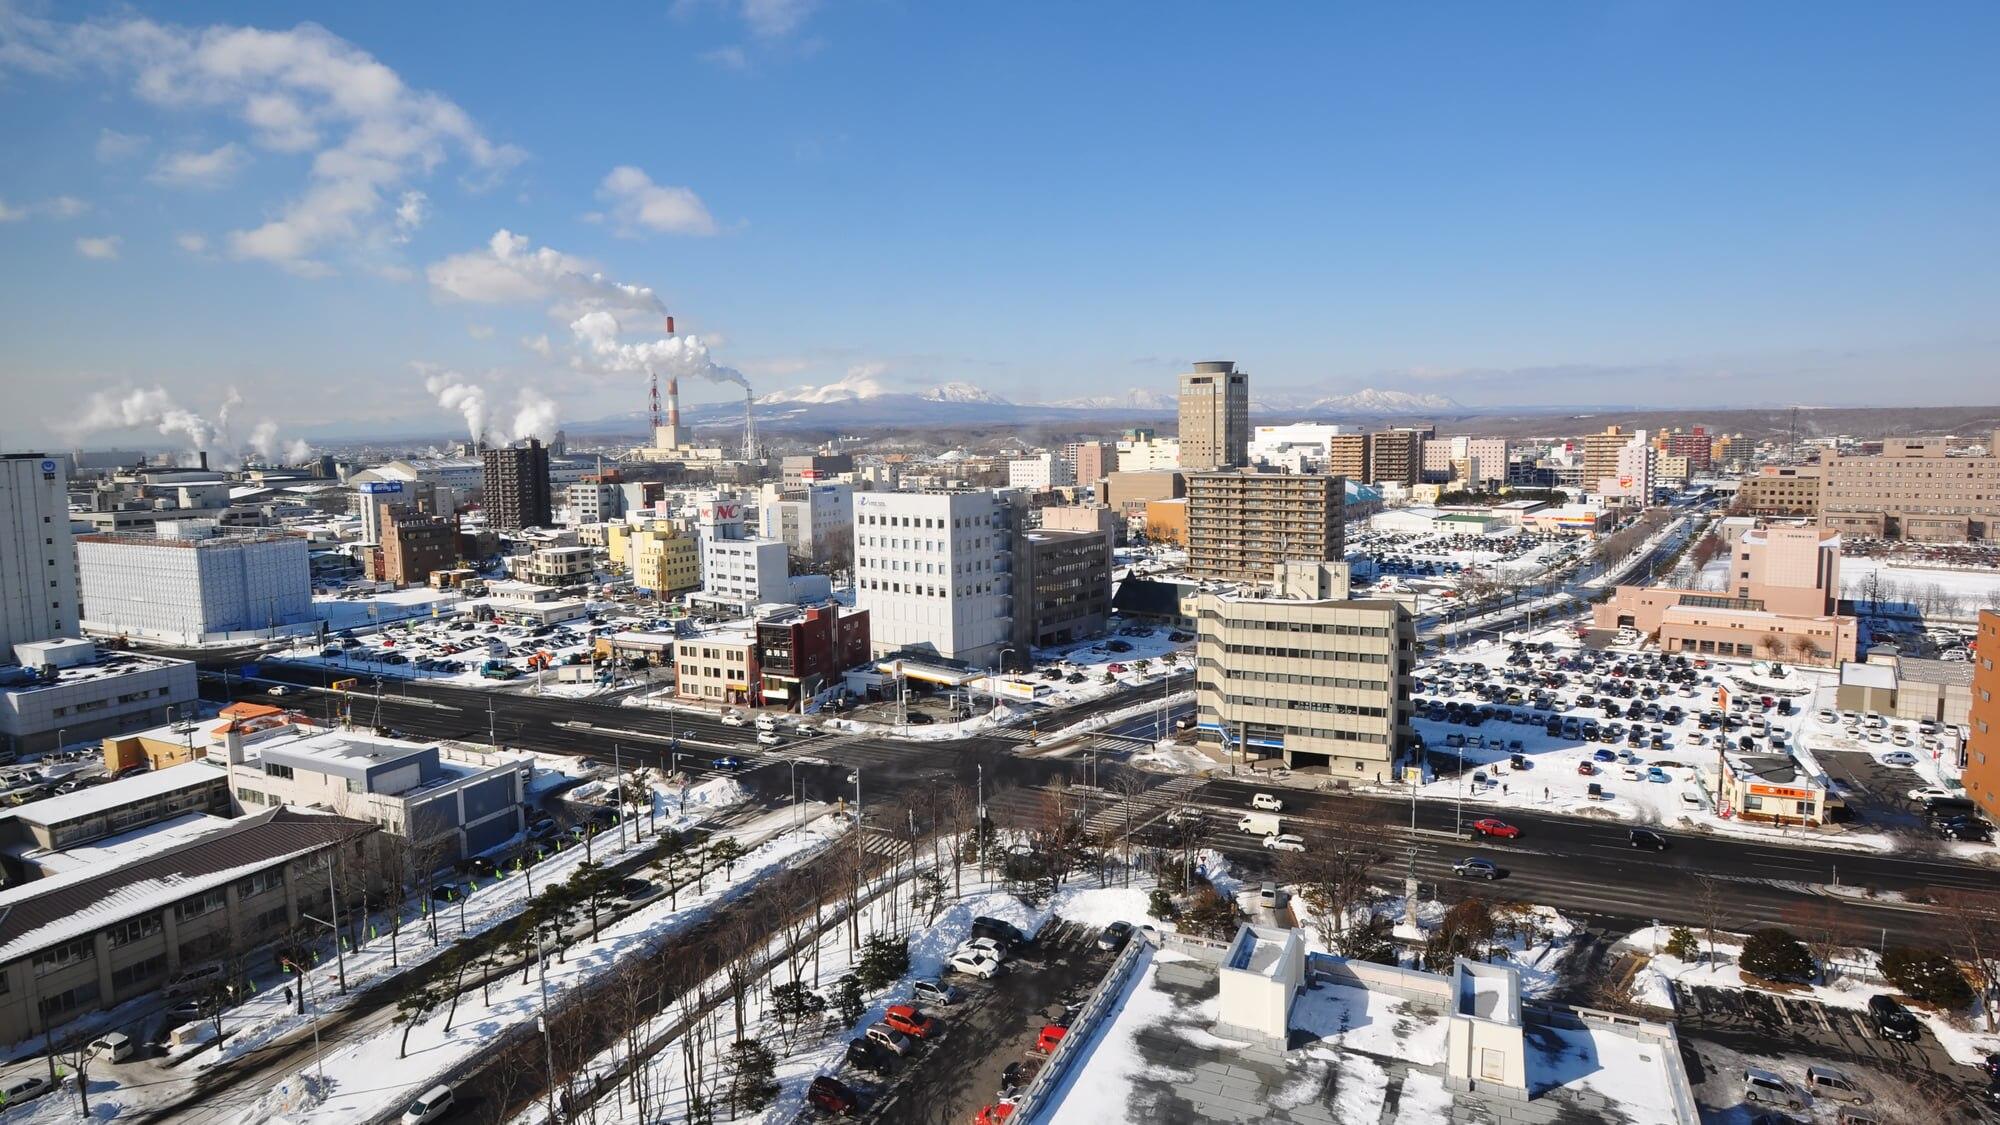 苫小牧でおすすめのホテル6選|北海道観光がもっと楽しくなる宿を紹介!